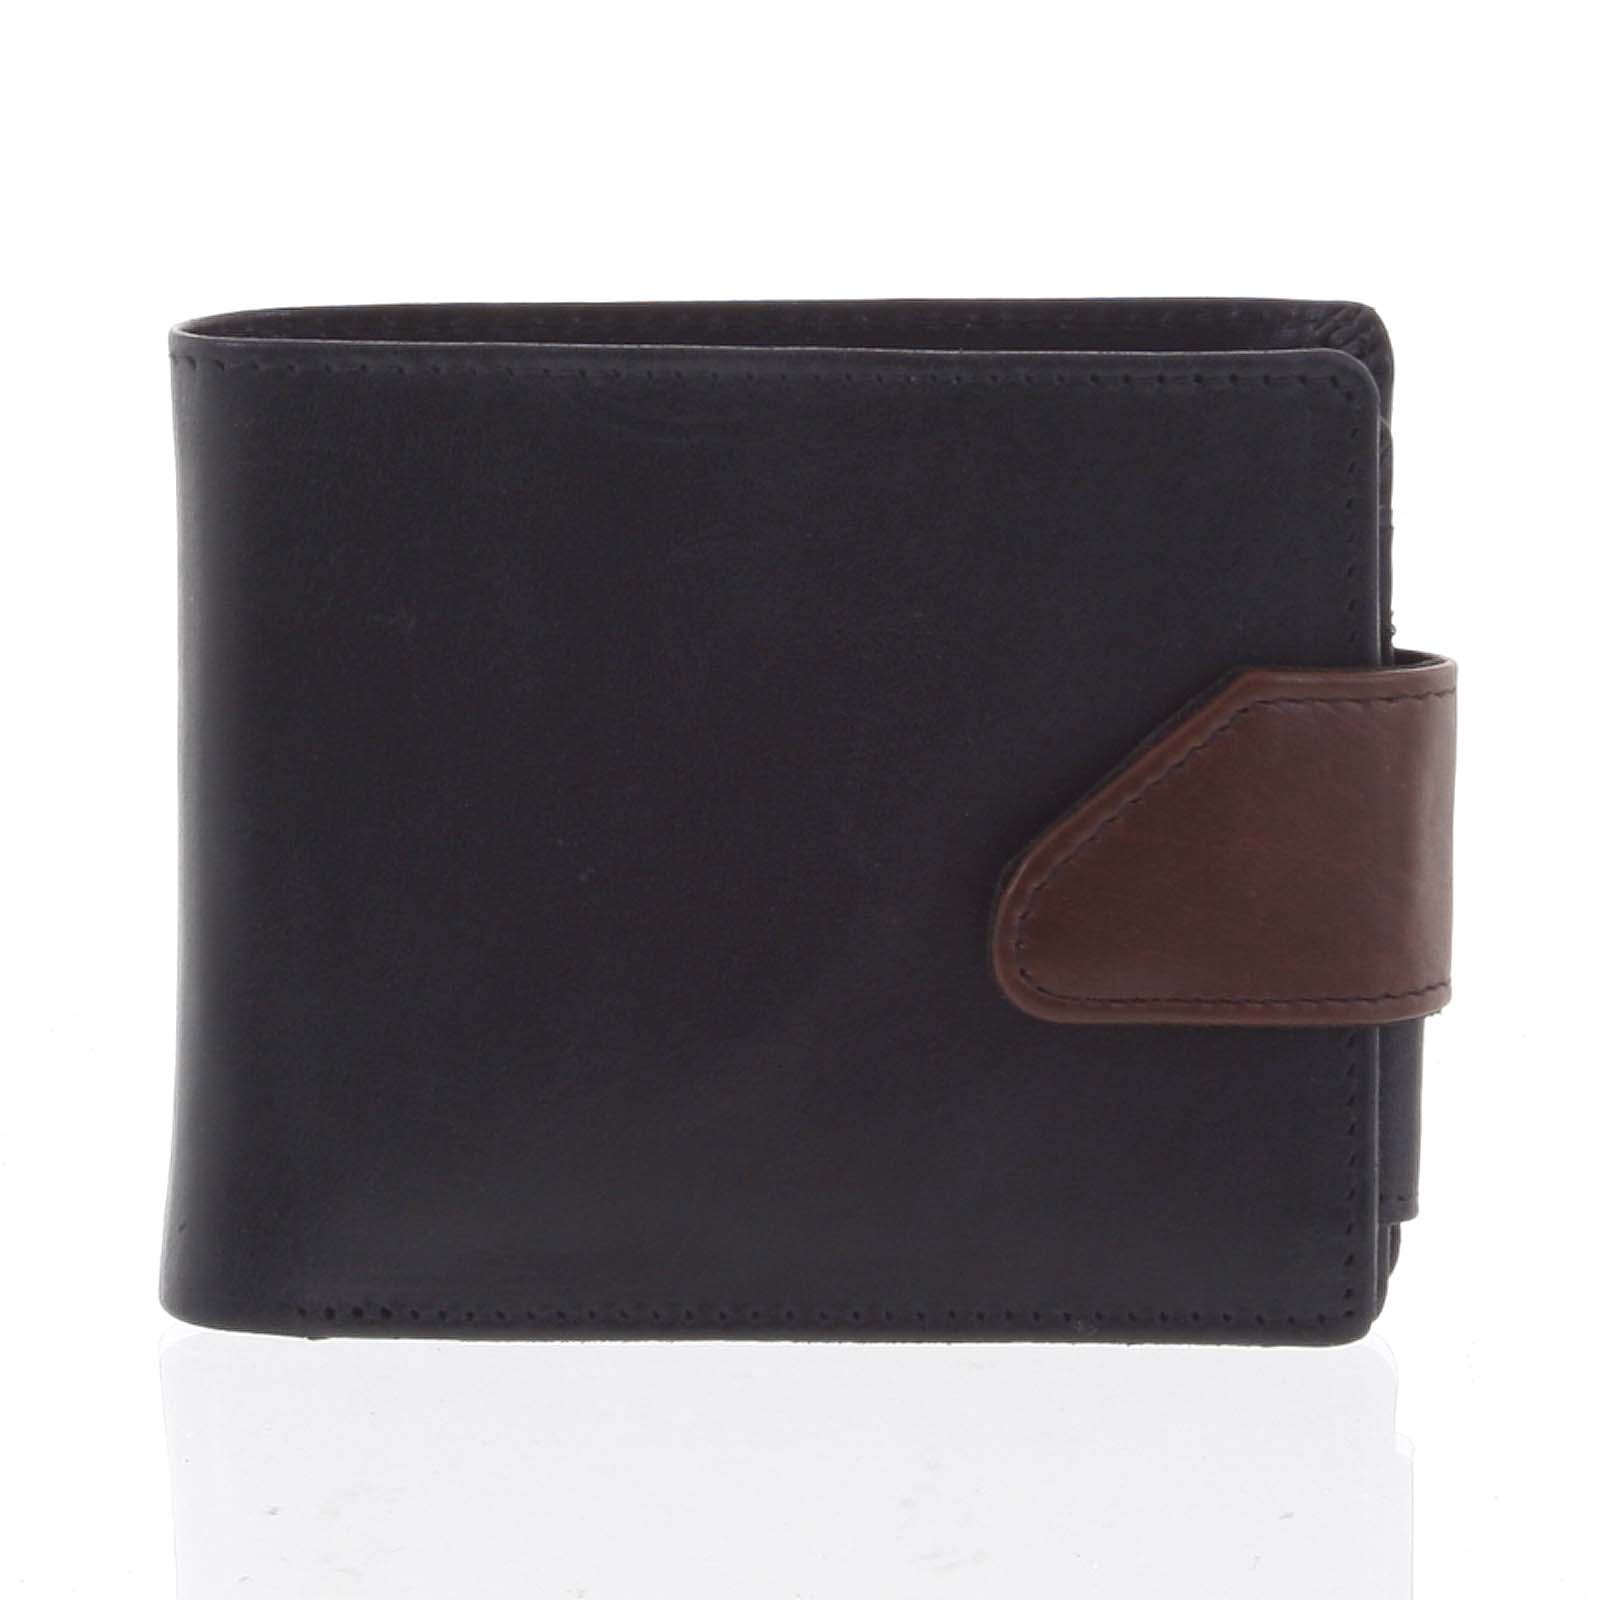 Hladká pánská černá kožená peněženka - Tomas 76VT